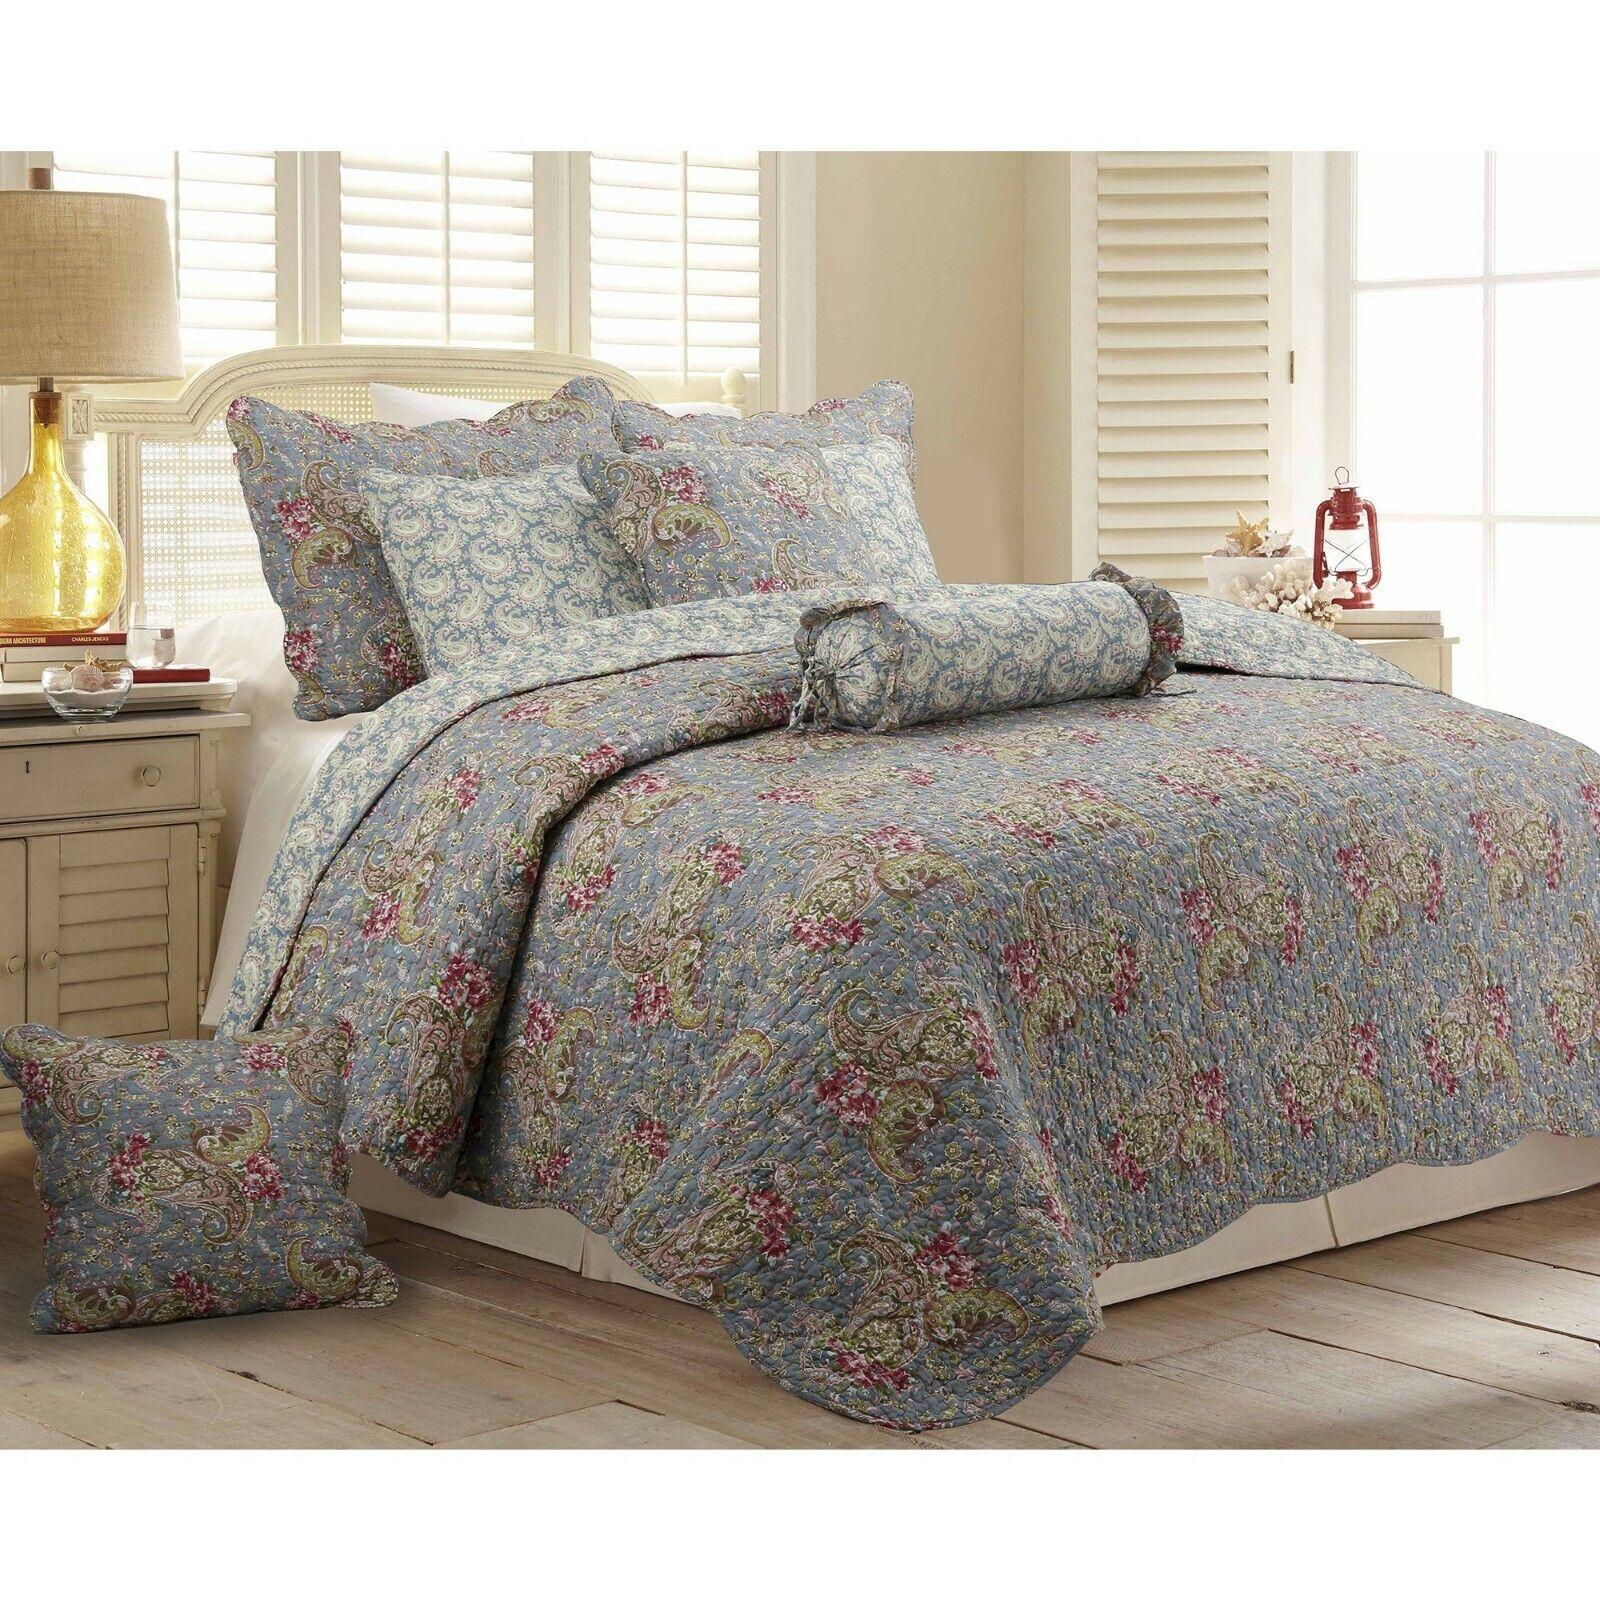 KING Size 100% Cotton Paisley Reversible 3 Pc Cottage Quilt